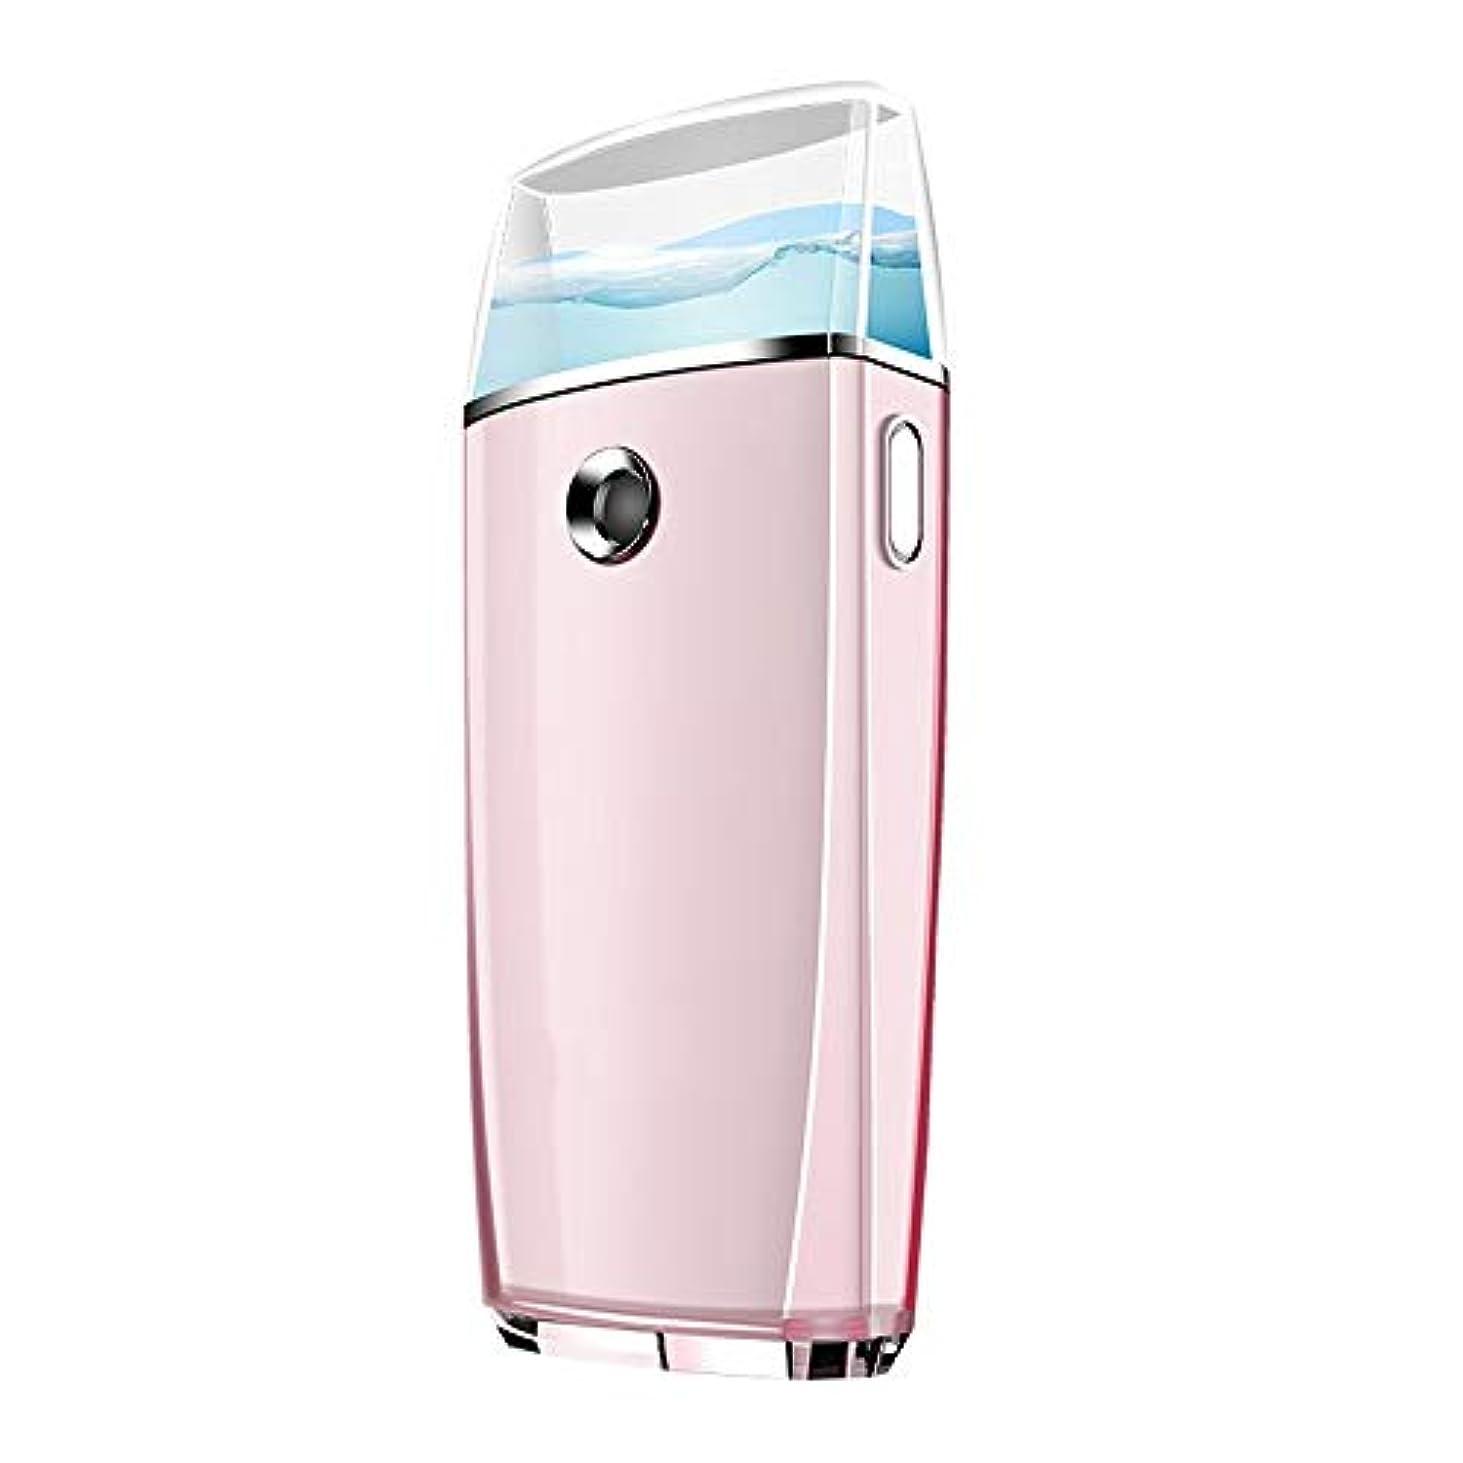 フラップイソギンチャク腹部ZXF ナノスプレー水道メーターポータブル顔美容機器充電表面コールドスプレー機スプレー2ピンクモデルグリーンモデル 滑らかである (色 : Pink)